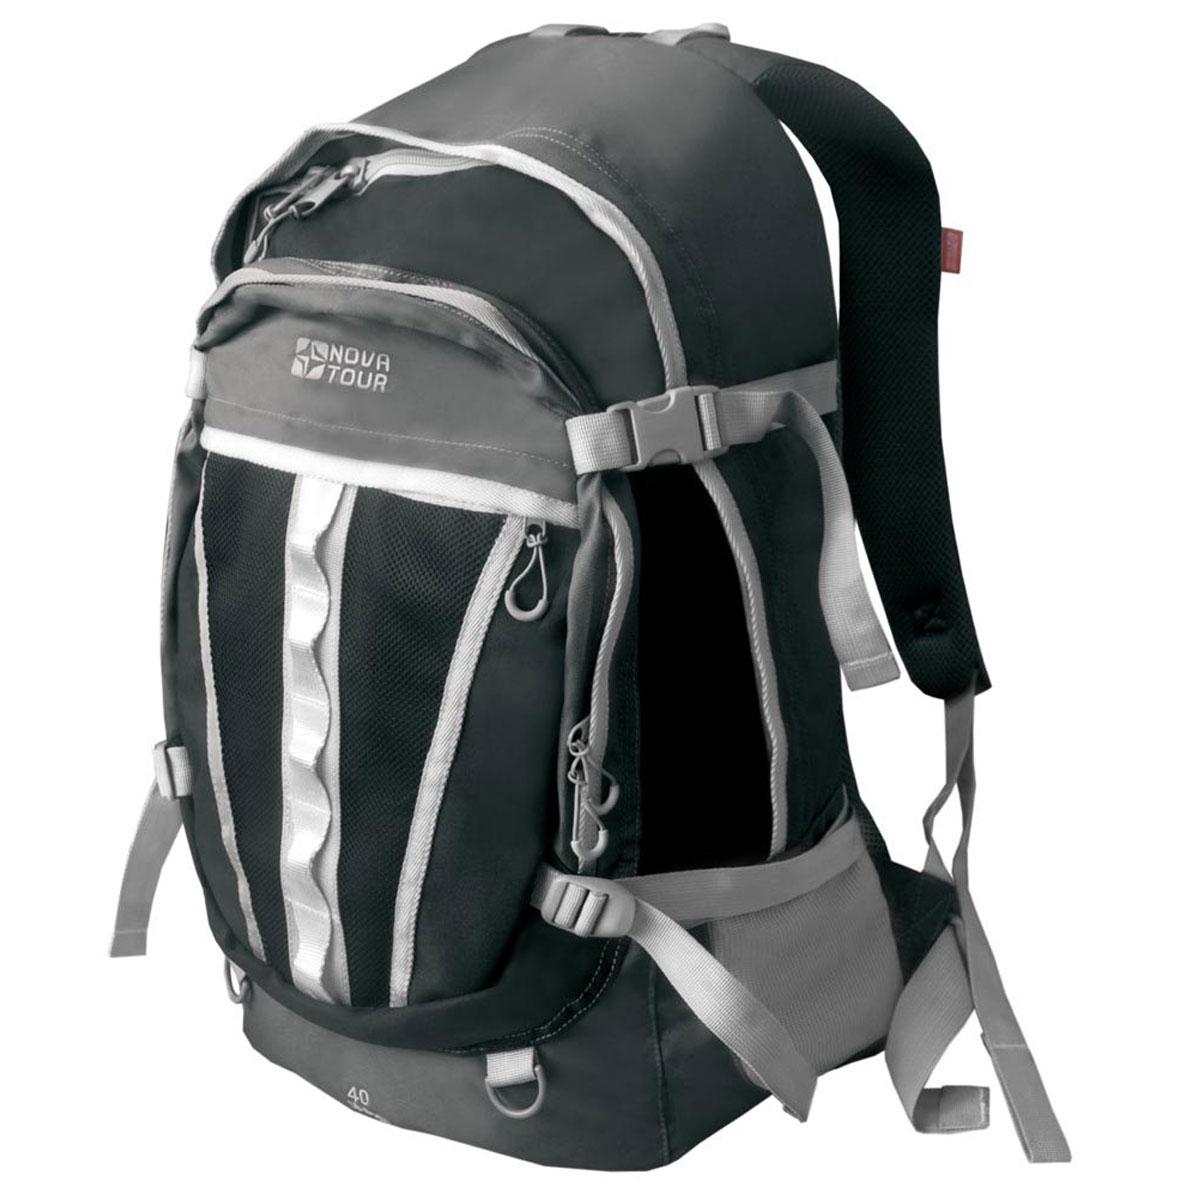 Рюкзак городской Nova Tour Слалом 40 V2, цвет: серый, черный. 13523-956-00MABLSEH10001Если все, что нужно ежедневно носить с собой, не помещается в обычный рюкзак, то Слалом 40 V2 специально для вас. Два вместительных отделения можно уменьшить боковыми стяжками или наоборот, если что-то не поместилось внутри, навесить снаружи на узлы крепления. Для удобства переноски тяжелого груза на спинке предусмотрена удобная система подушек Air Mesh с полностью отстегивающимся поясным ремнем.Особенности:Прочная ткань с непромокаемой пропиткой.Сетчатый материал, отводящий влагу от вашего тела. Применяется на лямках, спинках и поясе рюкзака.Грудная стяжка для правильной фиксации лямок рюкзака и предотвращения их соскальзывания.Органайзер позволяет рационально разместить мелкие вещи внутри рюкзака.Объем: 40 л.